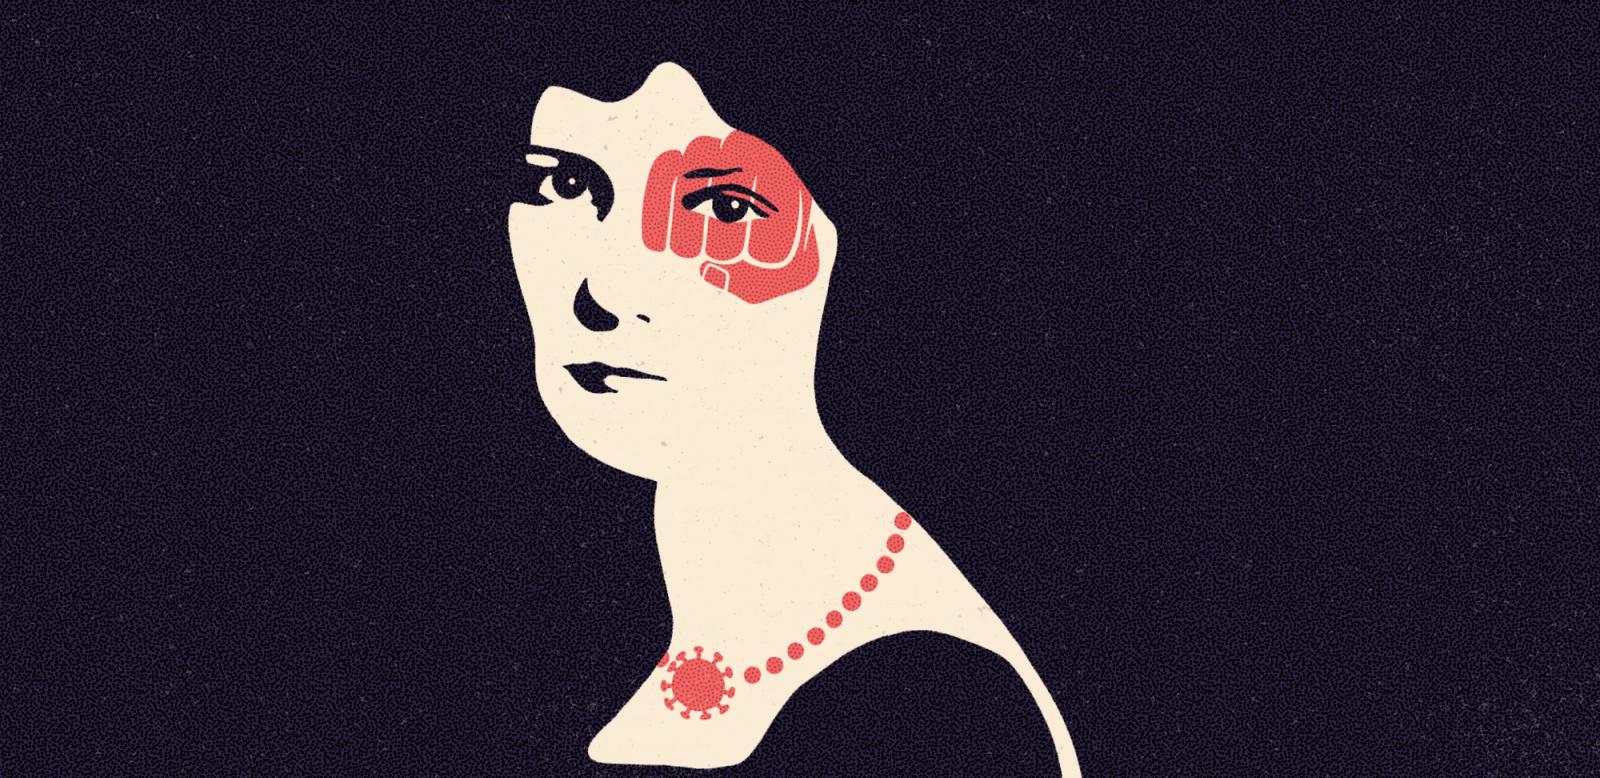 В Украине за год на треть выросло количество заявлений о домашнем насилии — Нацполиция